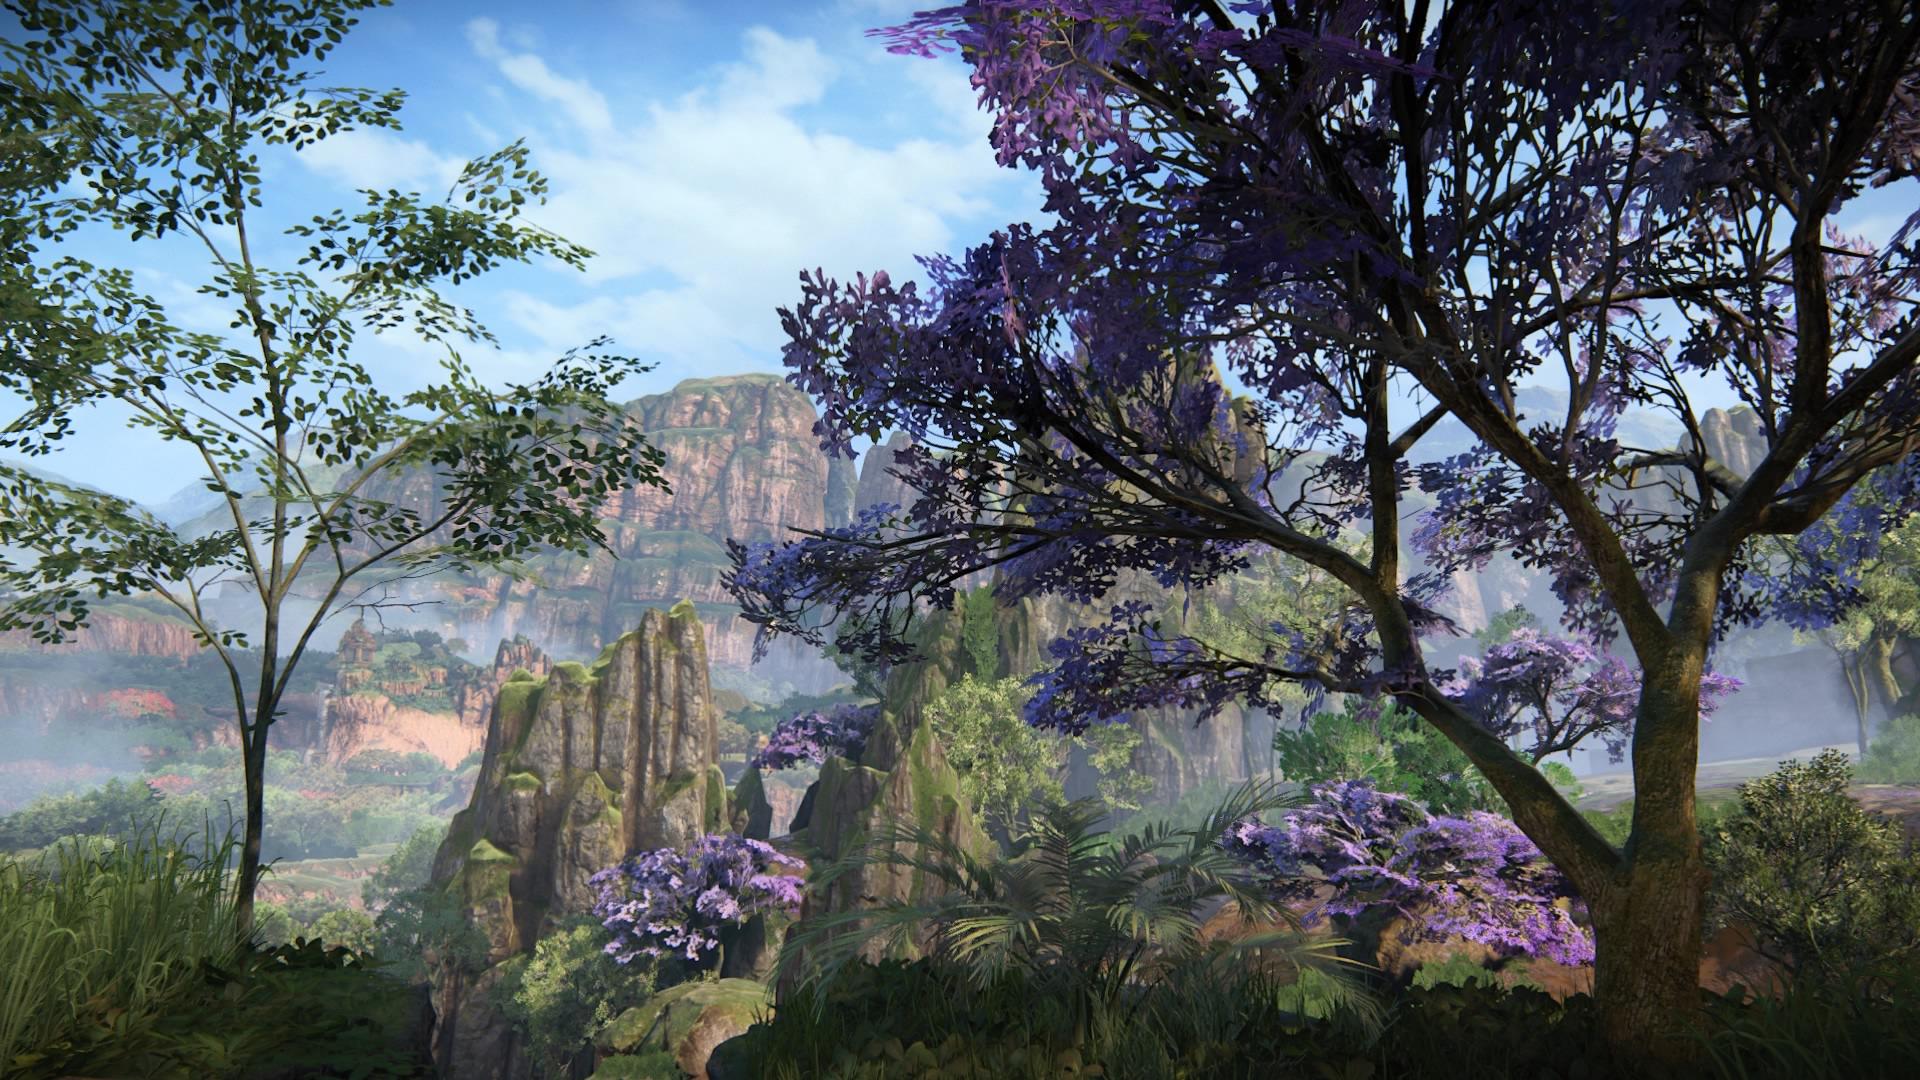 Fondos De Pantalla Uncharted The Lost Legacy Inexplorado